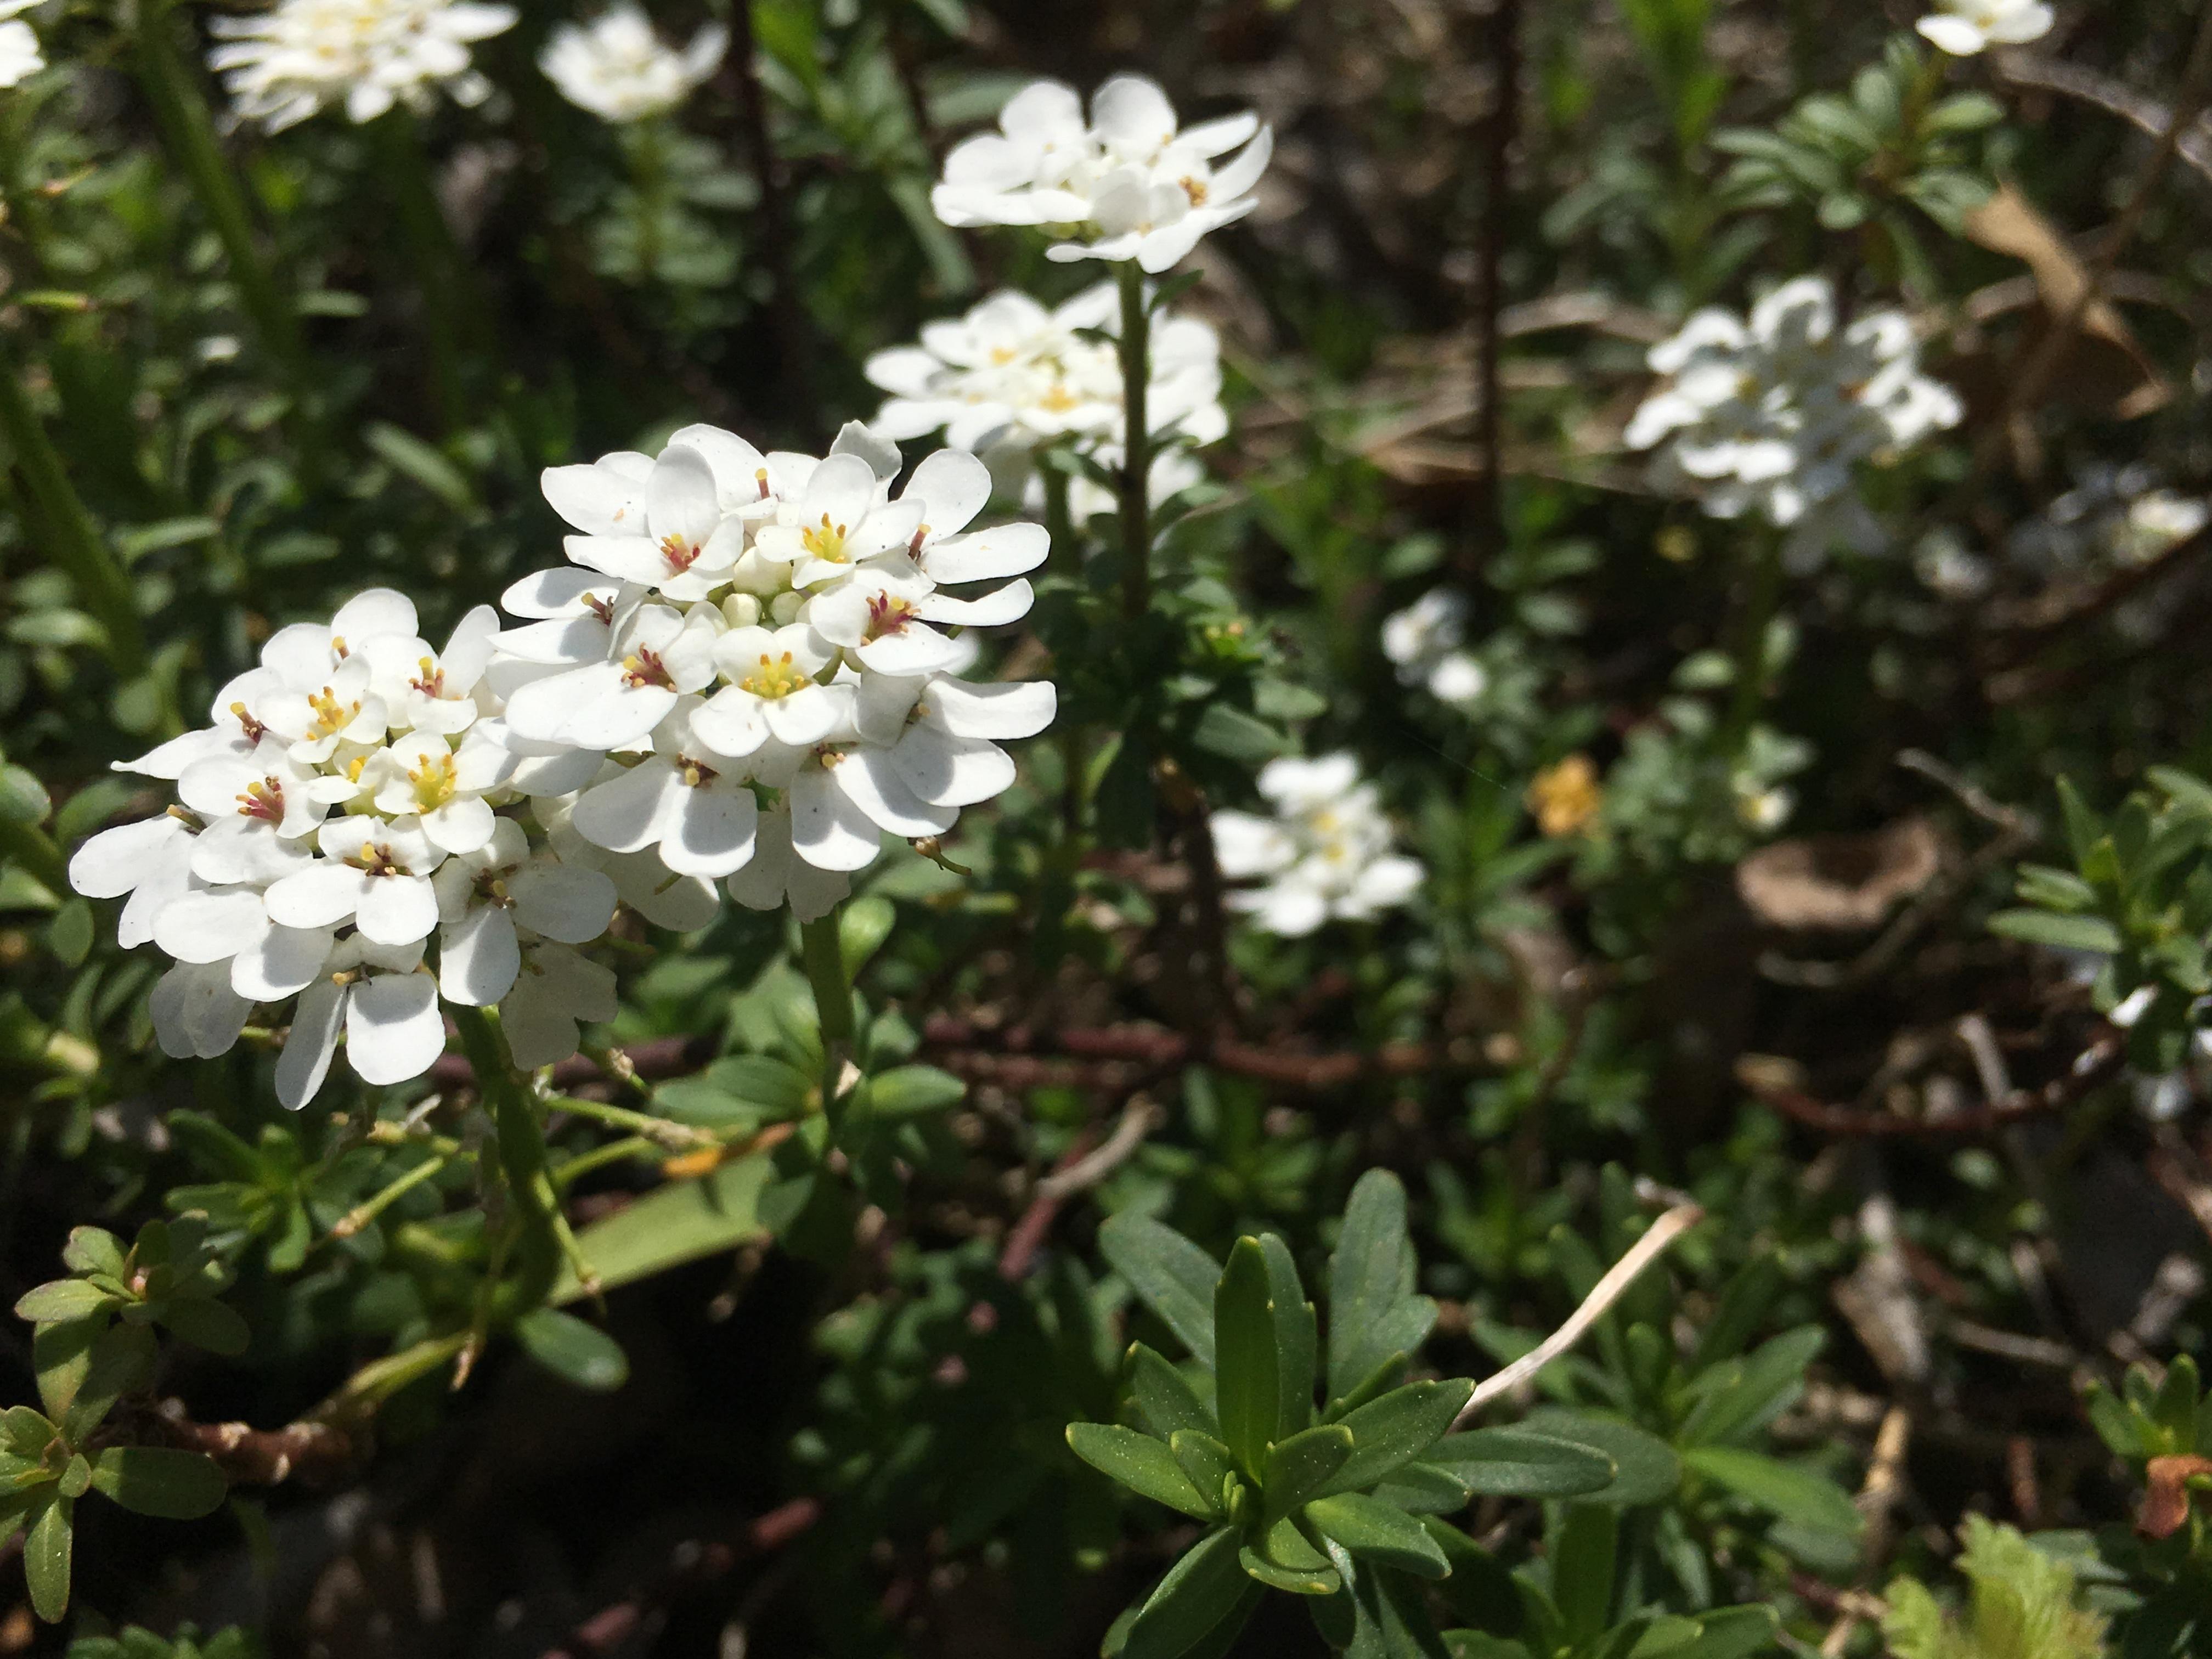 images gratuites : fleur, herbe, botanique, flore, fleur sauvage